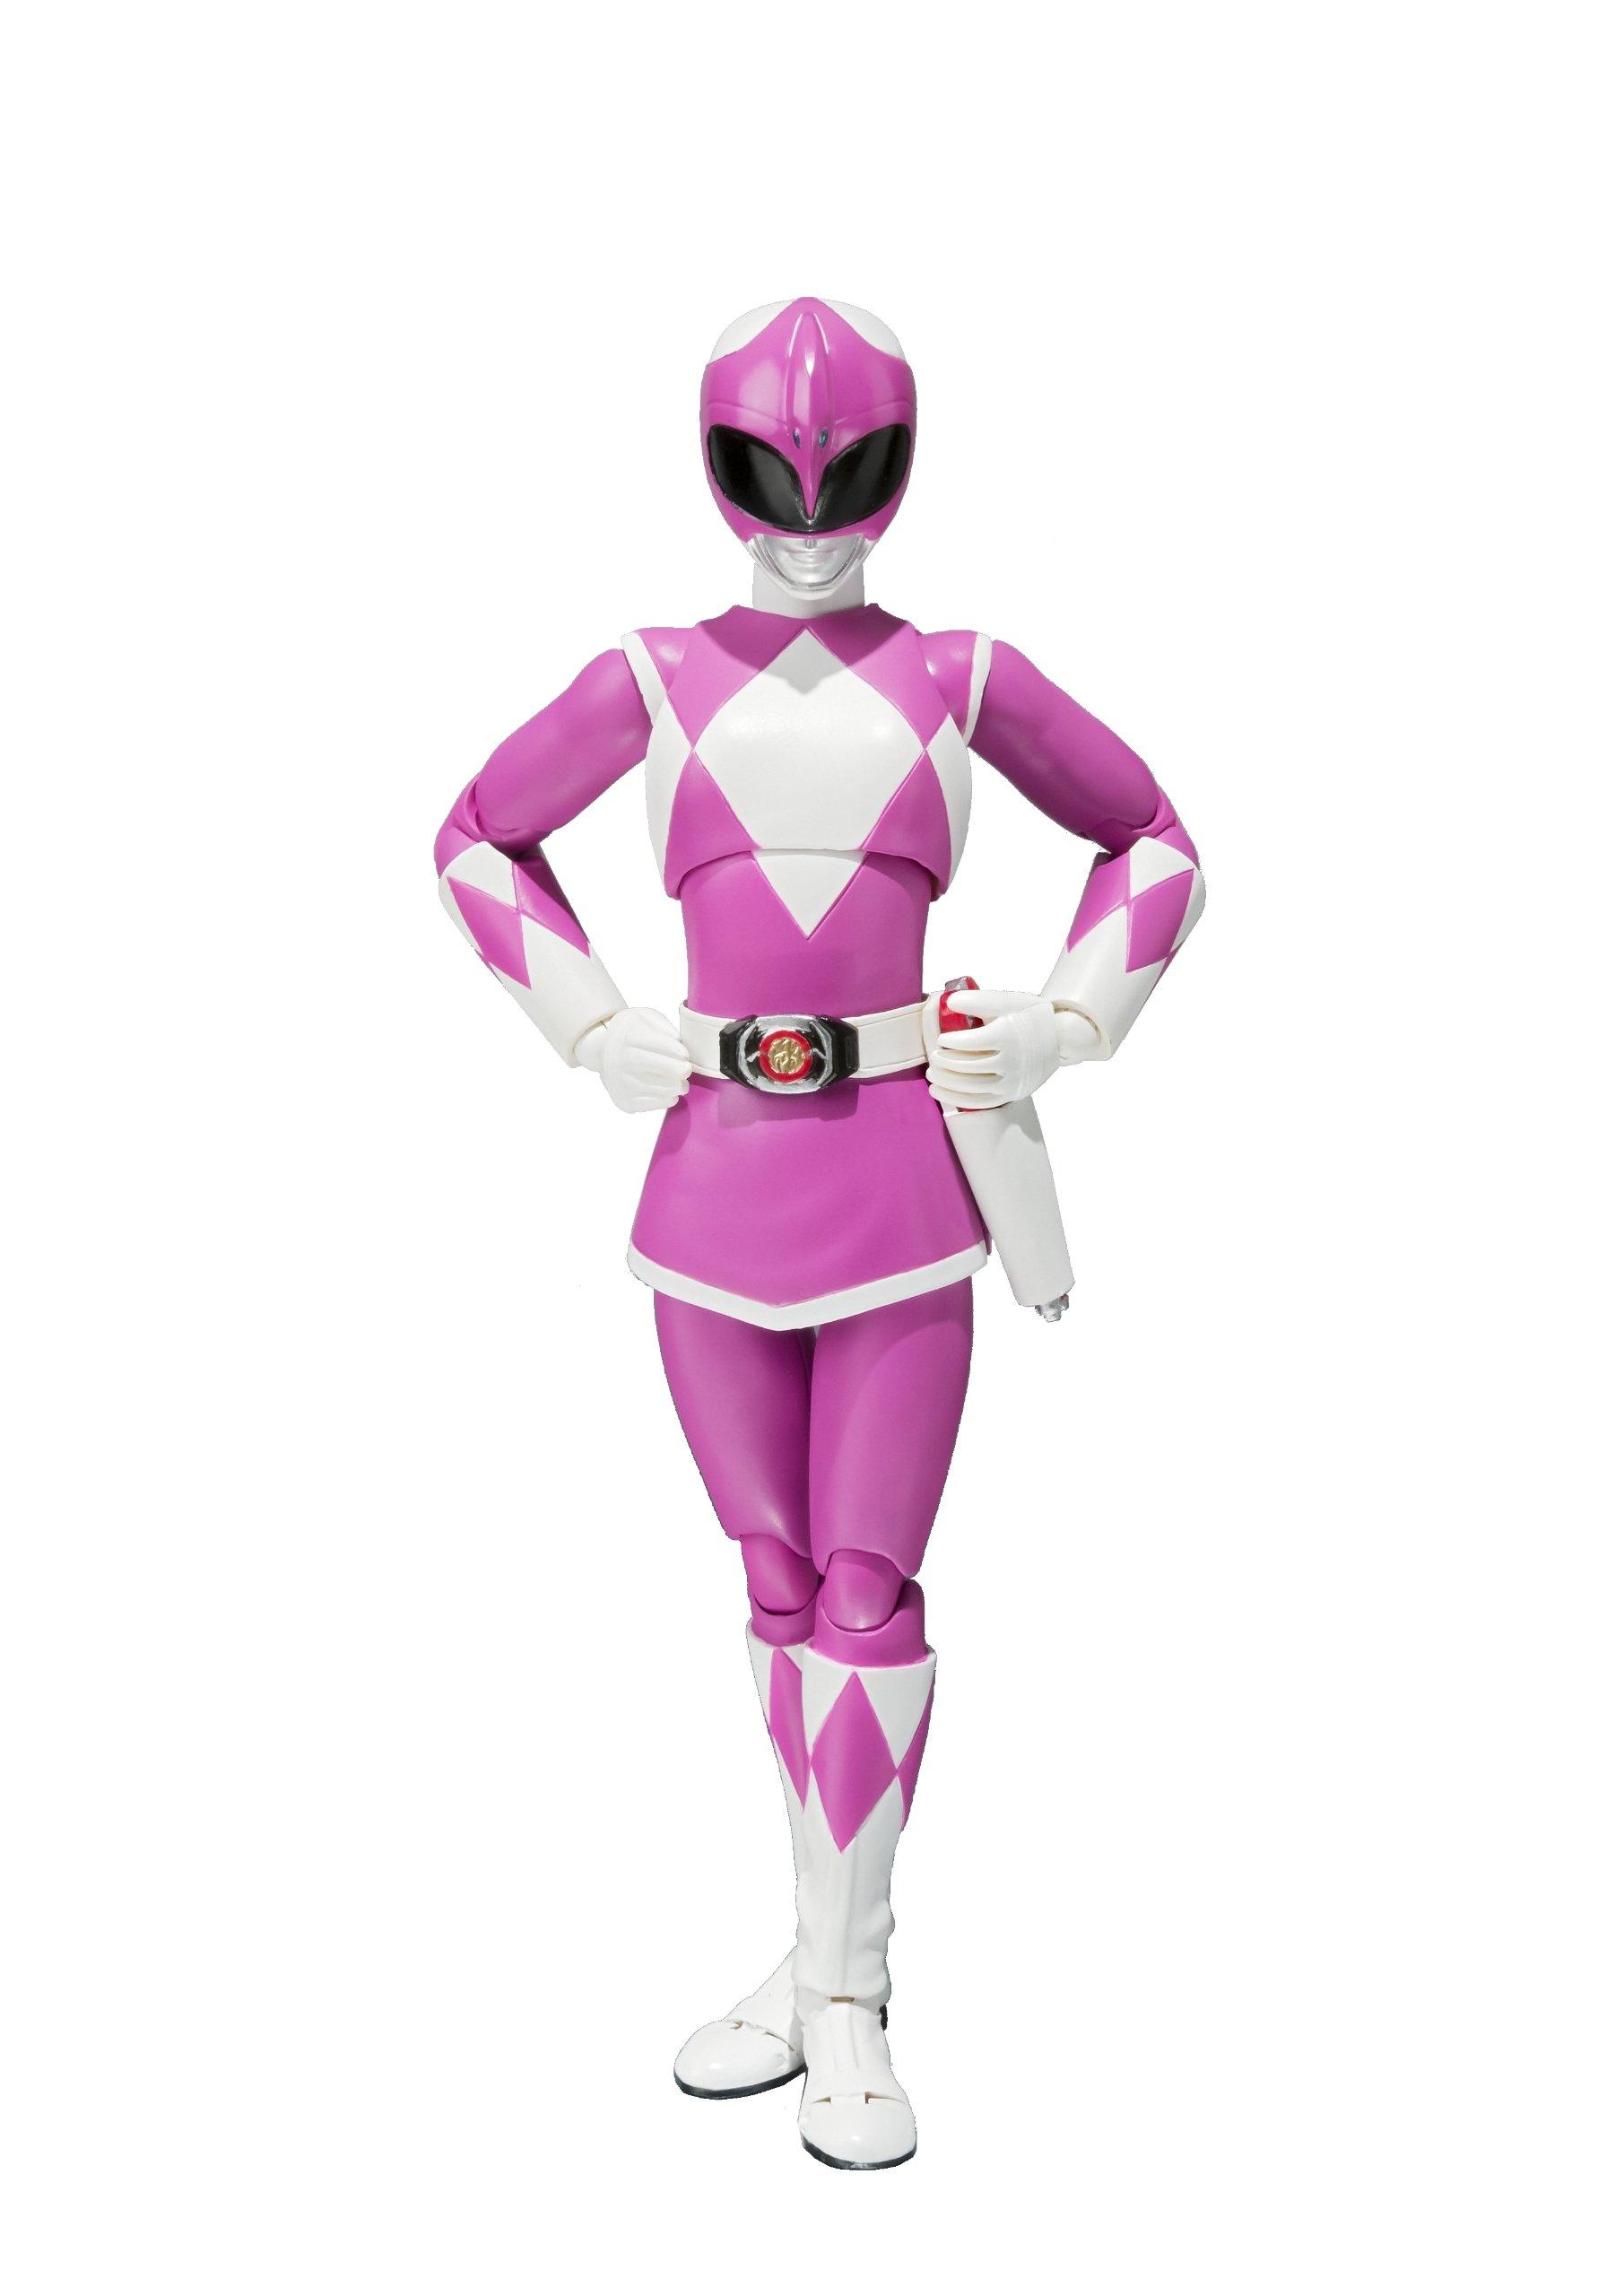 Bandai Tamashii Nations S.H. Figuarts ''Mighty Morphin Power Rangers'' Mighty Morphin Pink Ranger Action Figure